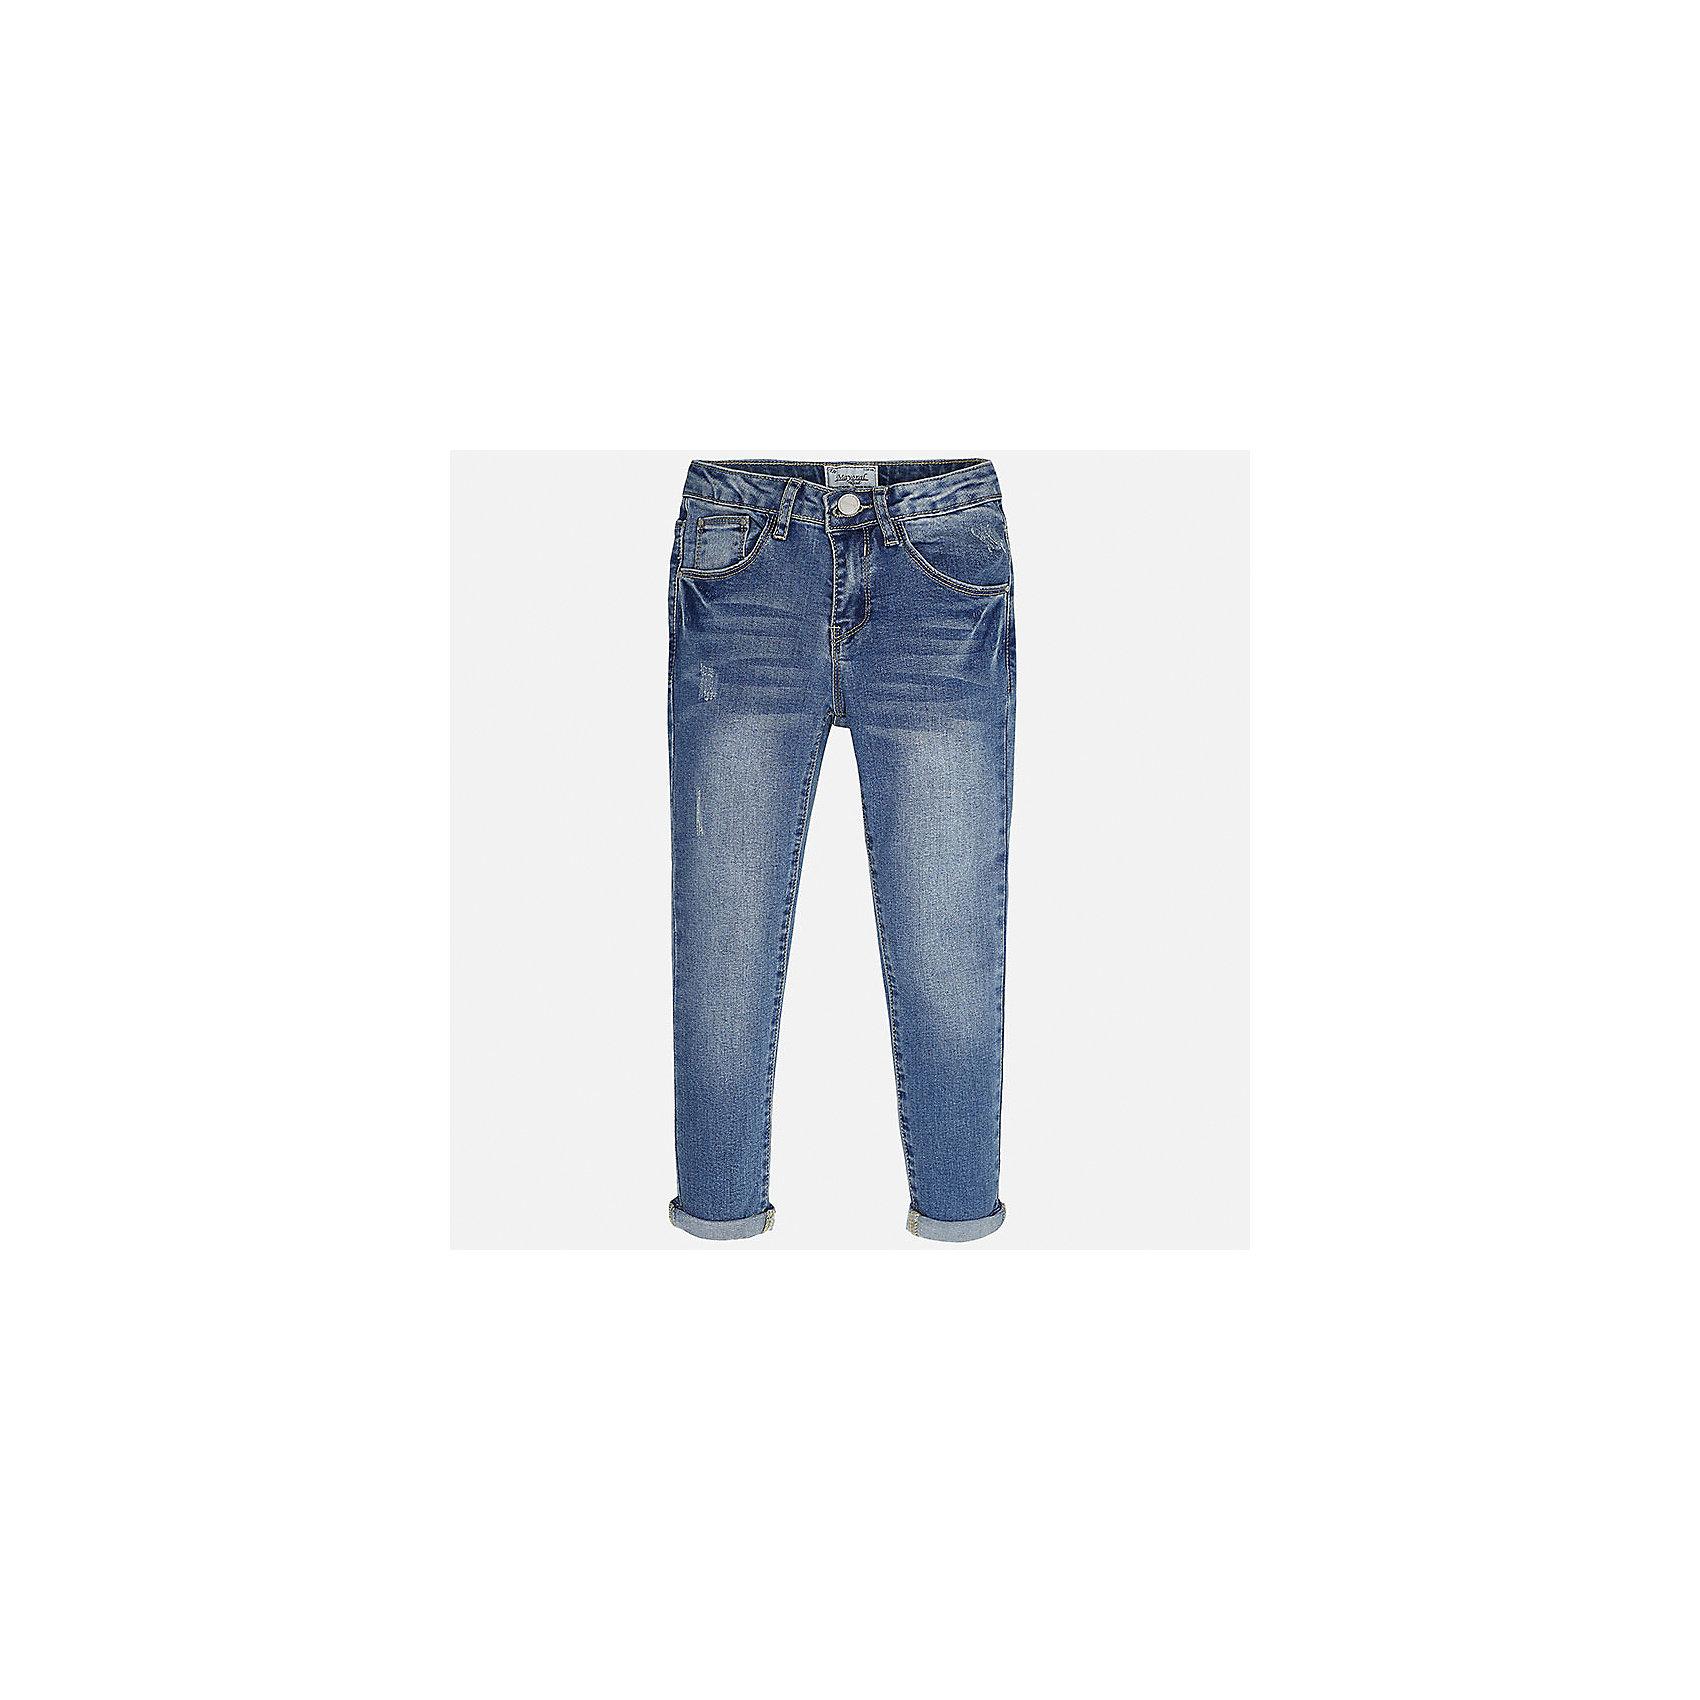 Джинсы для девочки MayoralДжинсовая одежда<br>Характеристики товара:<br><br>• цвет: синий<br>• состав: 69% хлопок, 29% полиэстер, 2% эластан<br>• эффект потертости<br>• карманы<br>• пояс с регулировкой объема<br>• шлевки<br>• страна бренда: Испания<br><br>Стильные джинсы для девочки смогут разнообразить гардероб ребенка и украсить наряд. Они отлично сочетаются с майками, футболками, блузками. Красивый оттенок позволяет подобрать к вещи верх разных расцветок. Интересный крой модели делает её нарядной и оригинальной. В составе материала - натуральный хлопок, гипоаллергенный, приятный на ощупь, дышащий.<br><br>Одежда, обувь и аксессуары от испанского бренда Mayoral полюбились детям и взрослым по всему миру. Модели этой марки - стильные и удобные. Для их производства используются только безопасные, качественные материалы и фурнитура. Порадуйте ребенка модными и красивыми вещами от Mayoral! <br><br>Джинсы для девочки от испанского бренда Mayoral (Майорал) можно купить в нашем интернет-магазине.<br><br>Ширина мм: 191<br>Глубина мм: 10<br>Высота мм: 175<br>Вес г: 273<br>Цвет: синий<br>Возраст от месяцев: 132<br>Возраст до месяцев: 144<br>Пол: Женский<br>Возраст: Детский<br>Размер: 152,158,164,170,128/134,140<br>SKU: 5292945